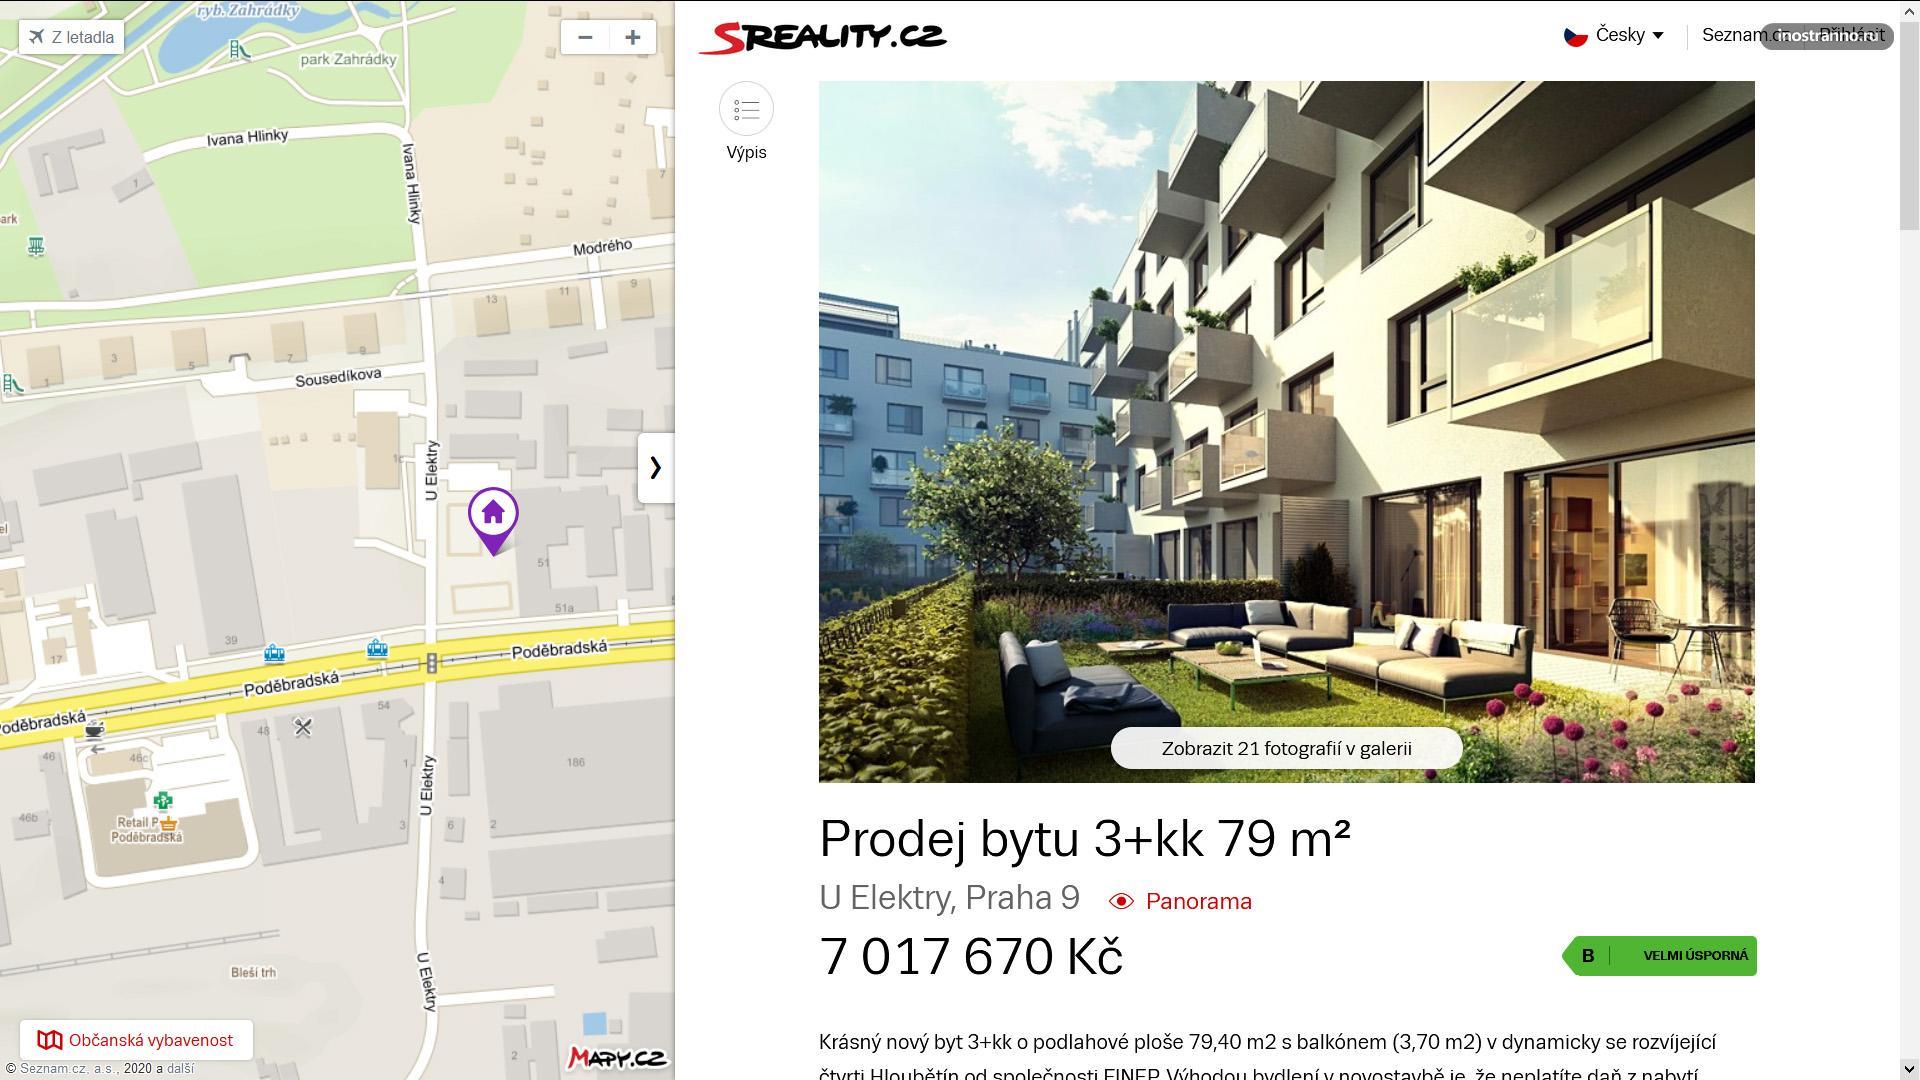 Новостройка в Праге 9 сколько стоит